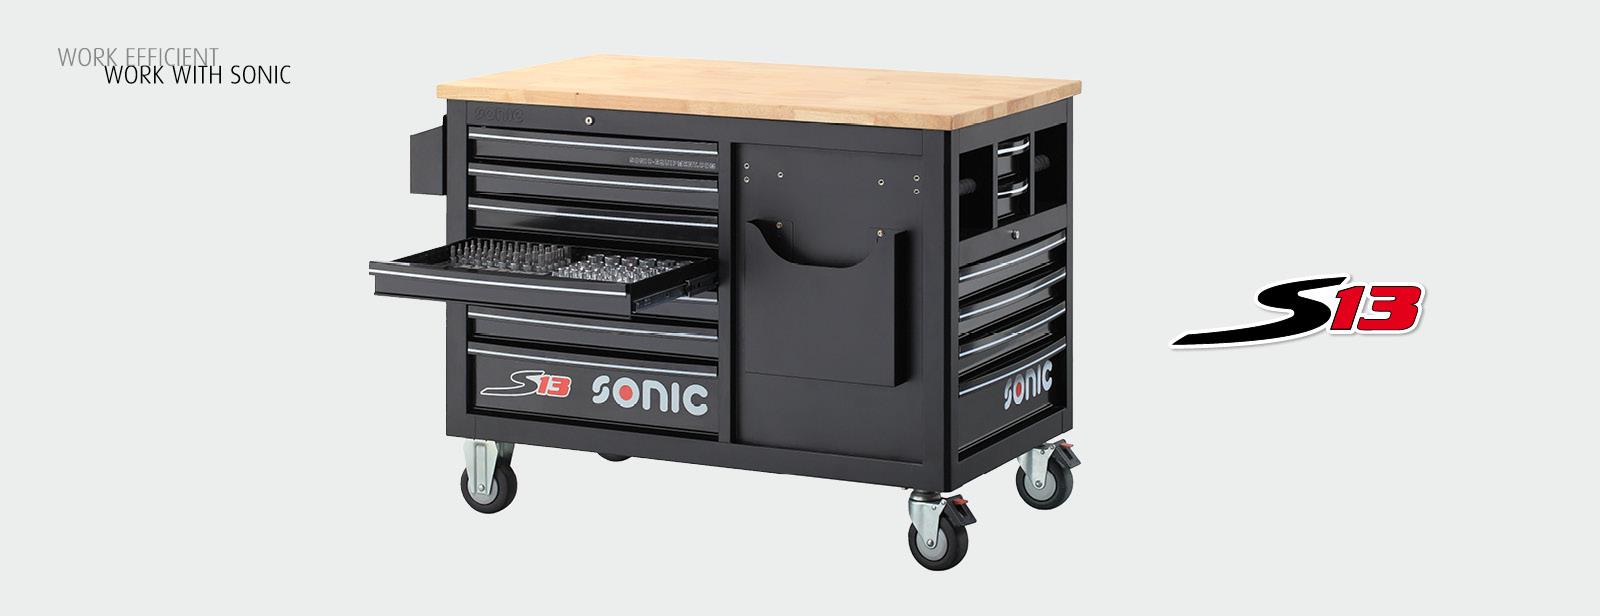 Sonic Werkzeugwagen S13